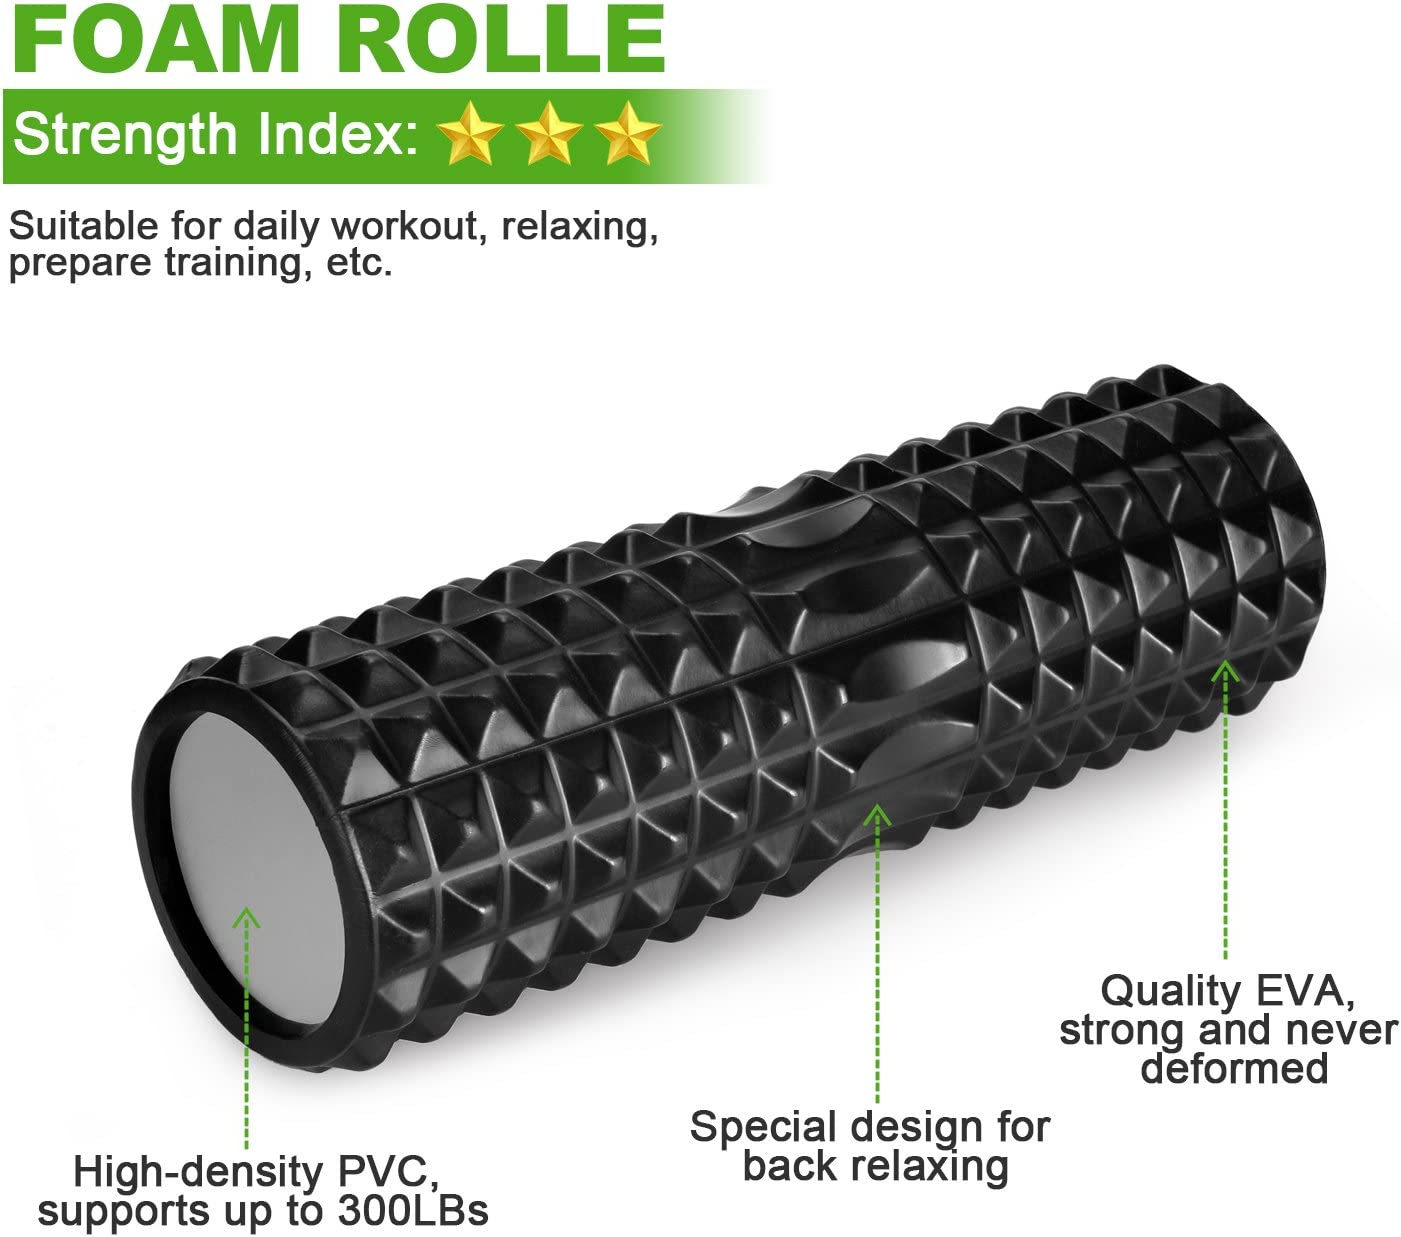 Faszienb/älle Foam Roller zum Faszien Training von Muskeln Odoland Faszienrolle Schaumstoffrolle Rollen Set 5 in 1 mit Roller Stick u